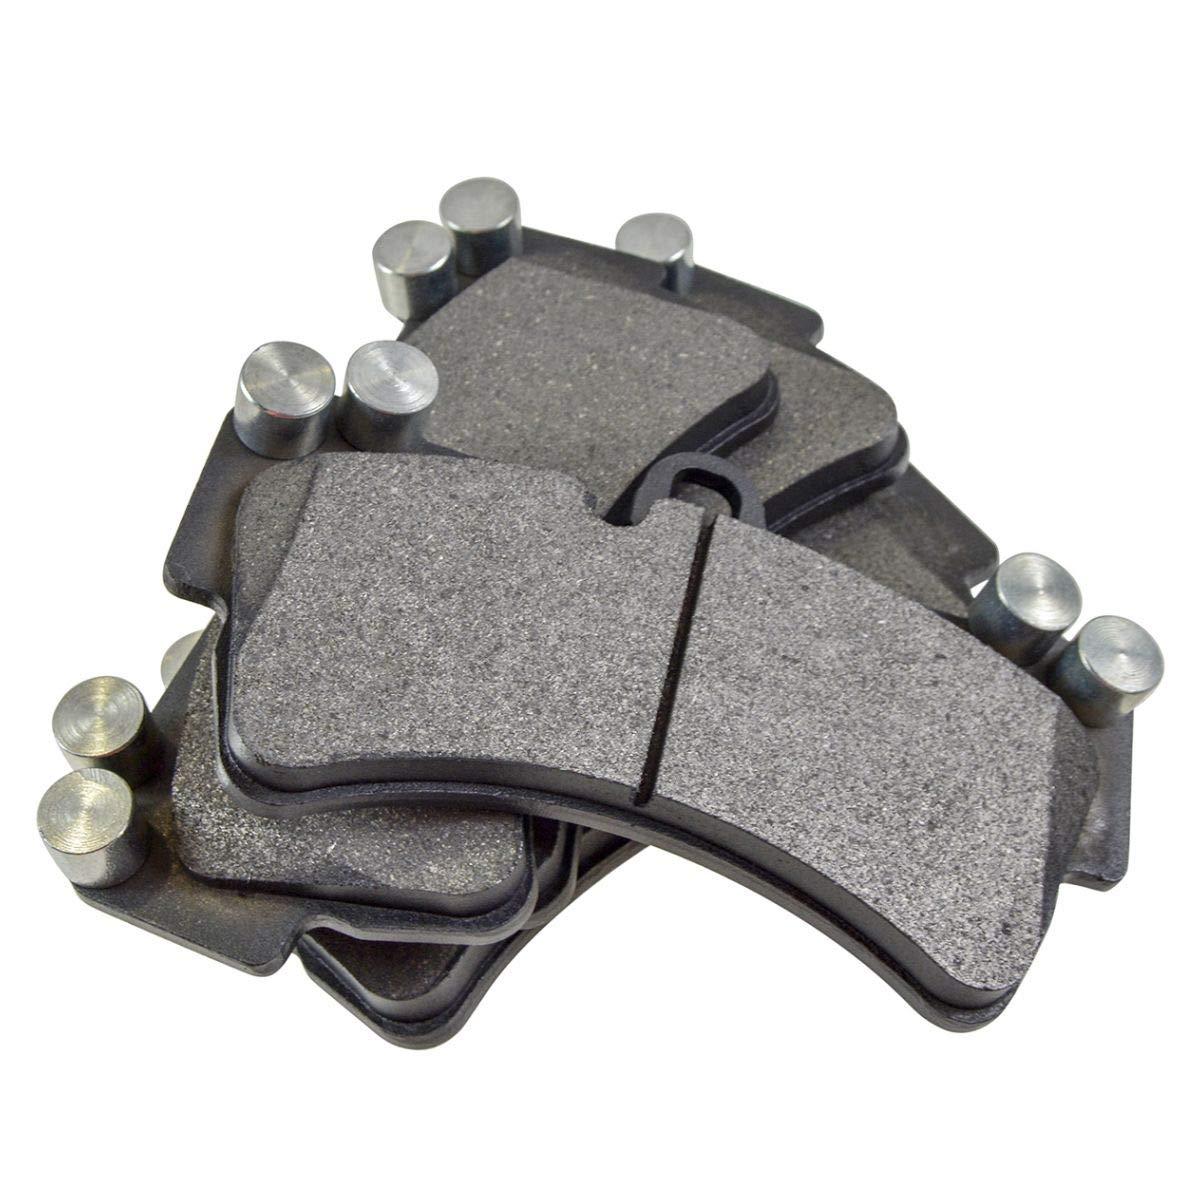 Pastillas de Freno Delantero Posi metálico para Audi Q7, VW Touareg Porsche Cayenne: Amazon.es: Coche y moto